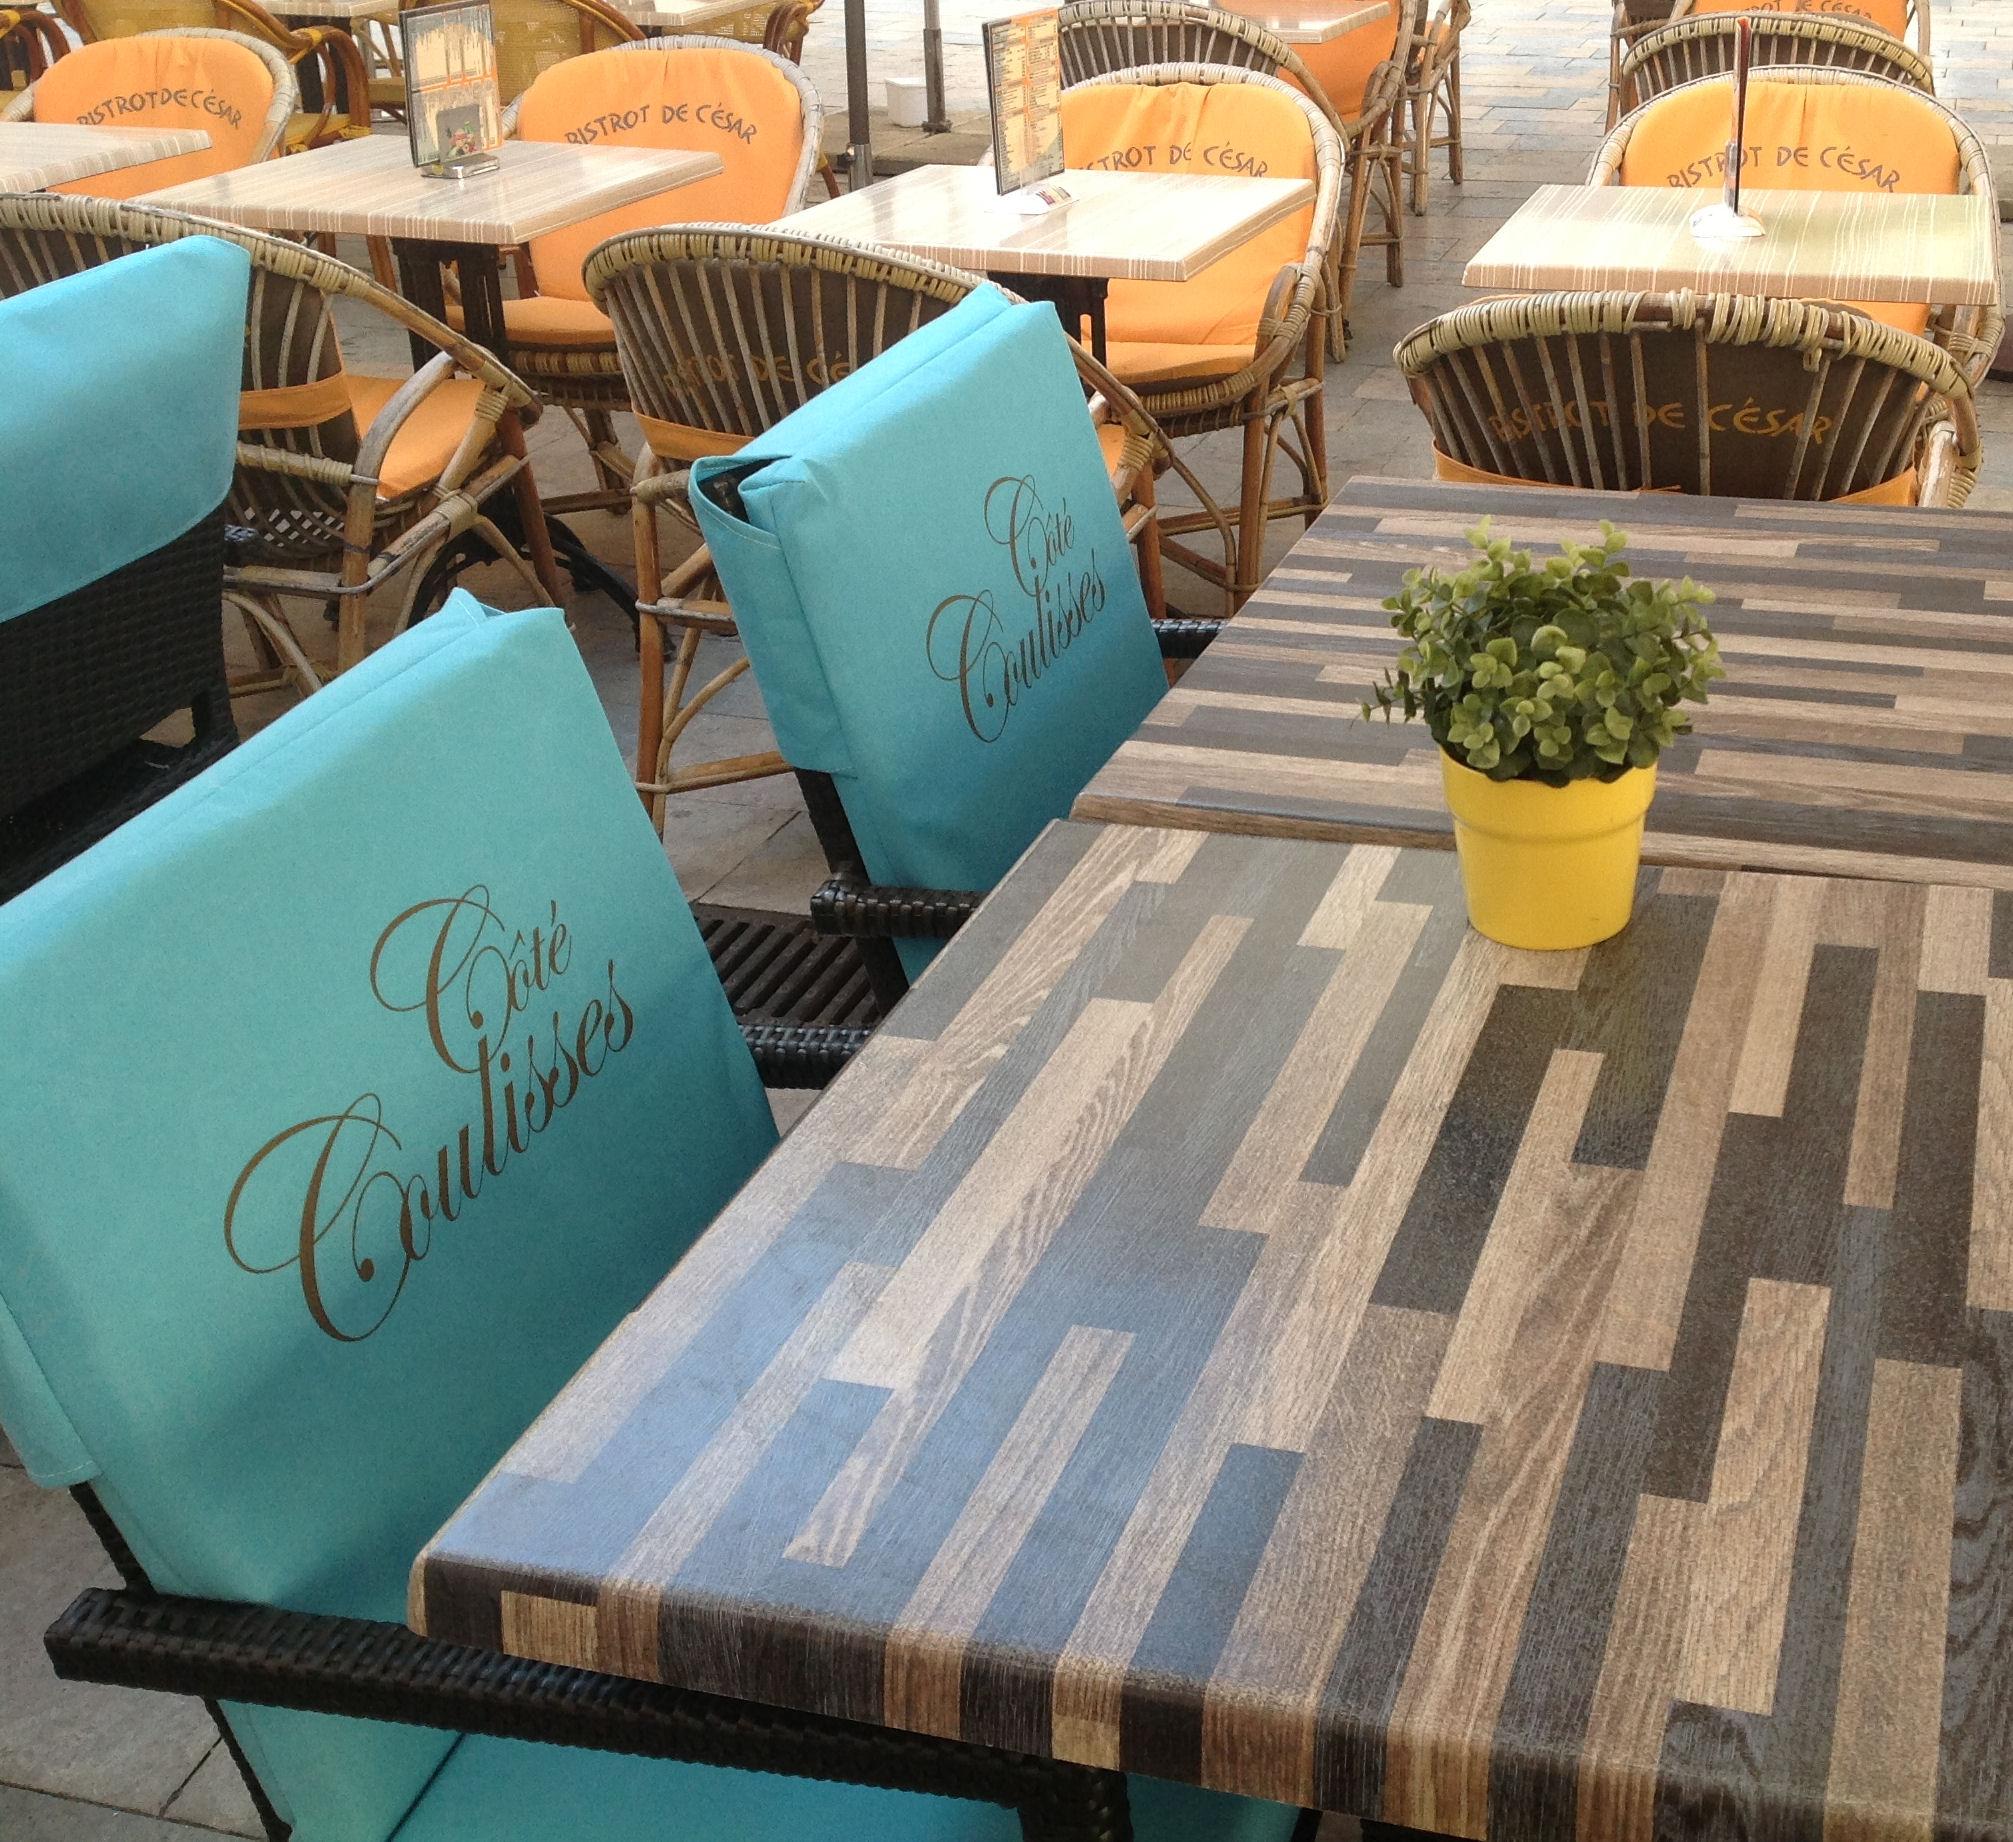 coussins personnalis s pour terrasse de caf coussins. Black Bedroom Furniture Sets. Home Design Ideas